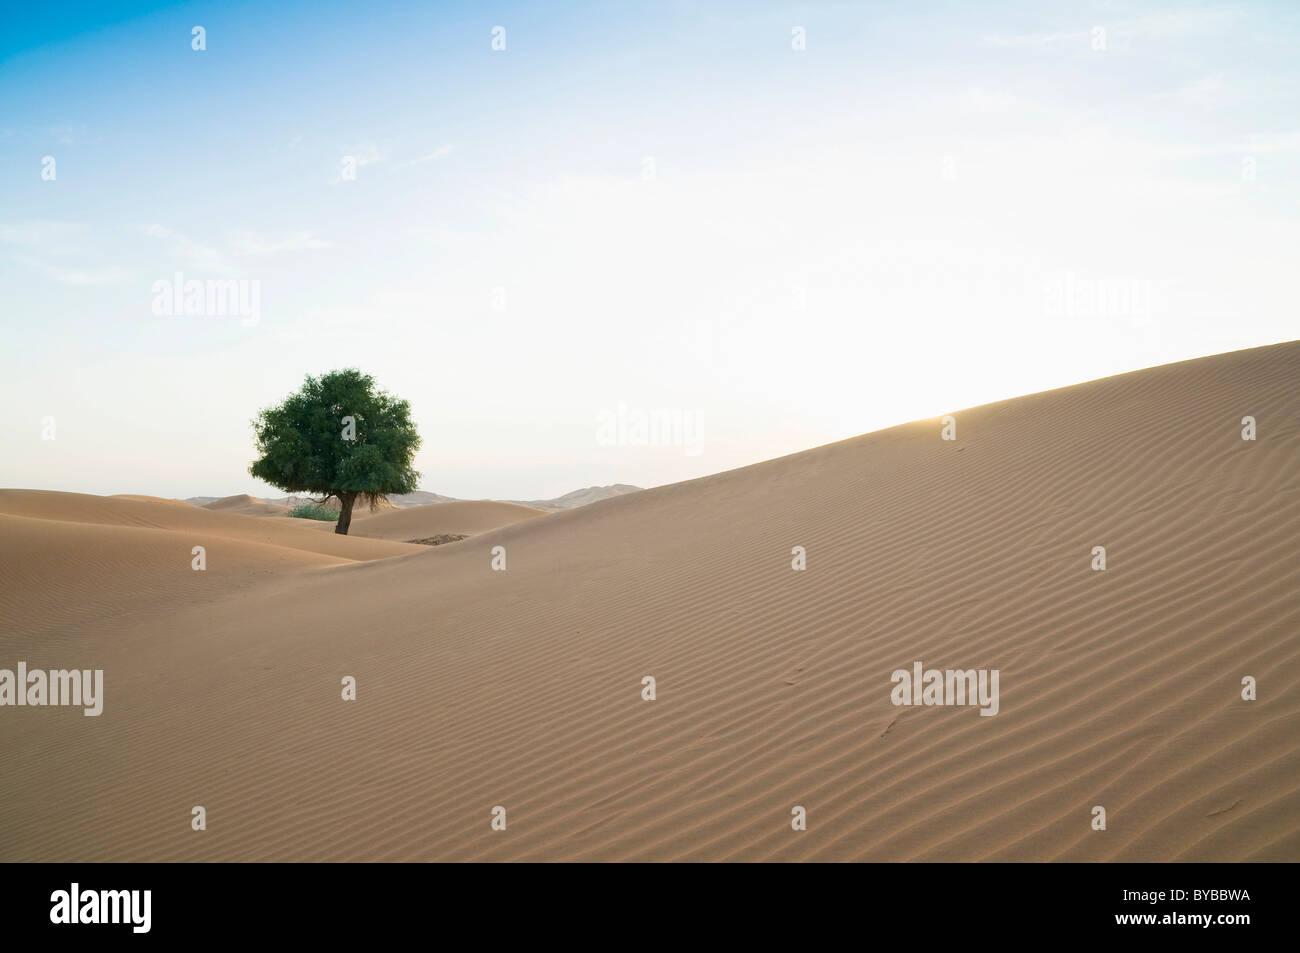 RUB' al Khali Wüste an der Grenze zwischen Oman und im Emirat Dubai, Mittlerer Osten, Südwestasien Stockbild